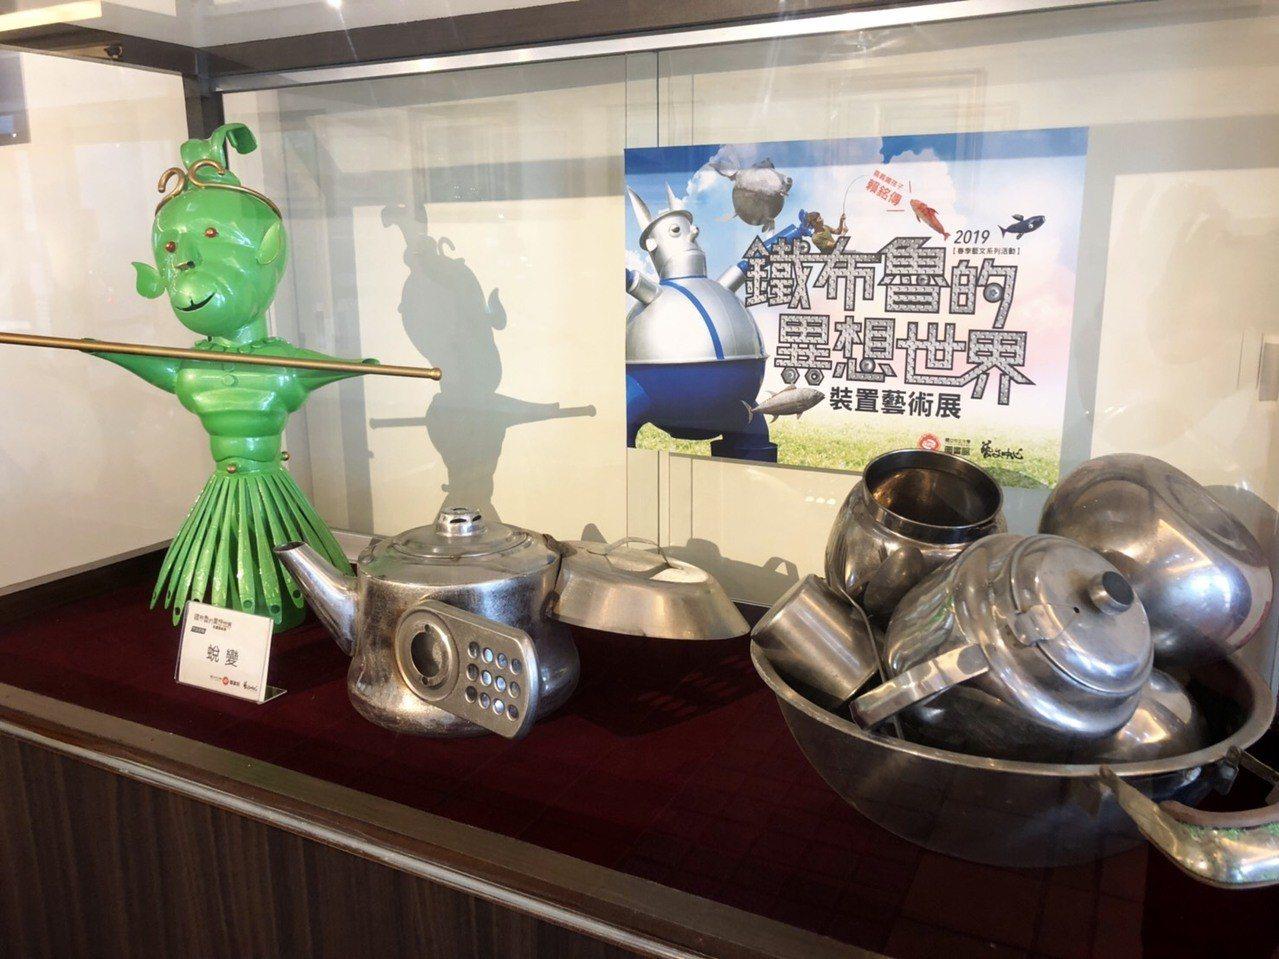 尋常不過的鐵鍋、鐵鏟,即使廢棄了,也能搖身一變成為多采多姿的裝置藝術。記者謝恩得...